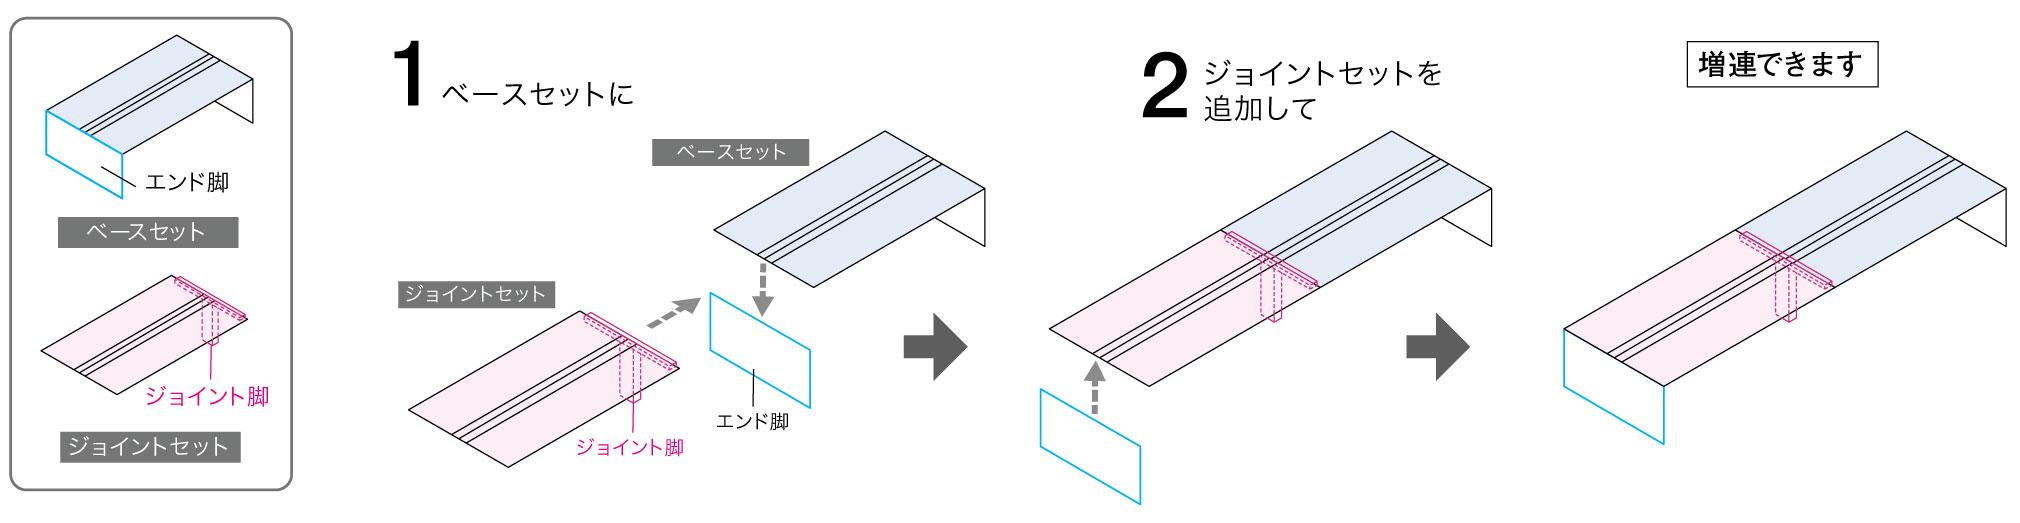 拡張 (増連) と組み合わせ方の図